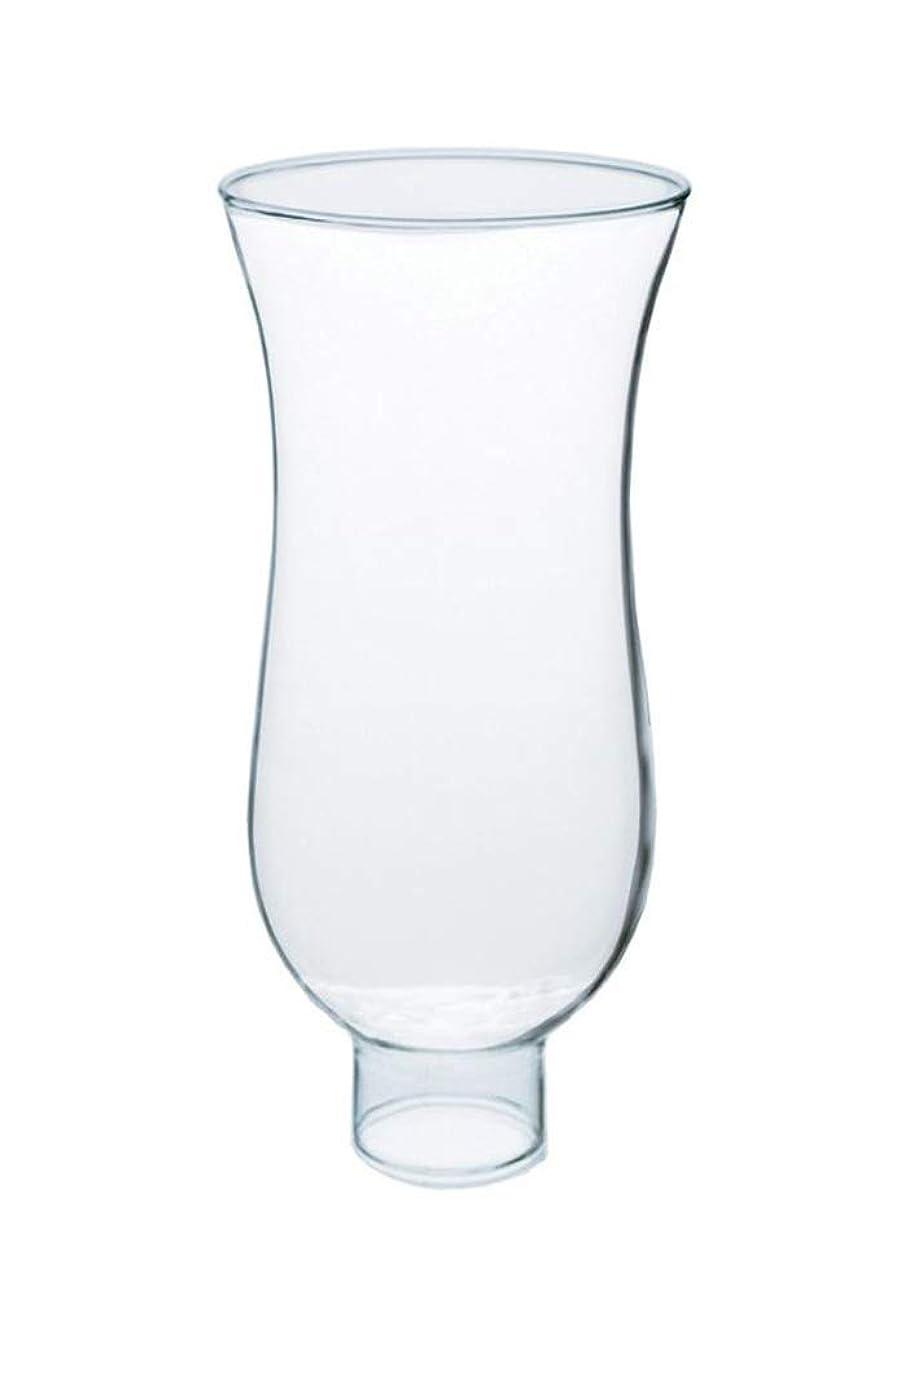 B&P Lamp 1 5/8